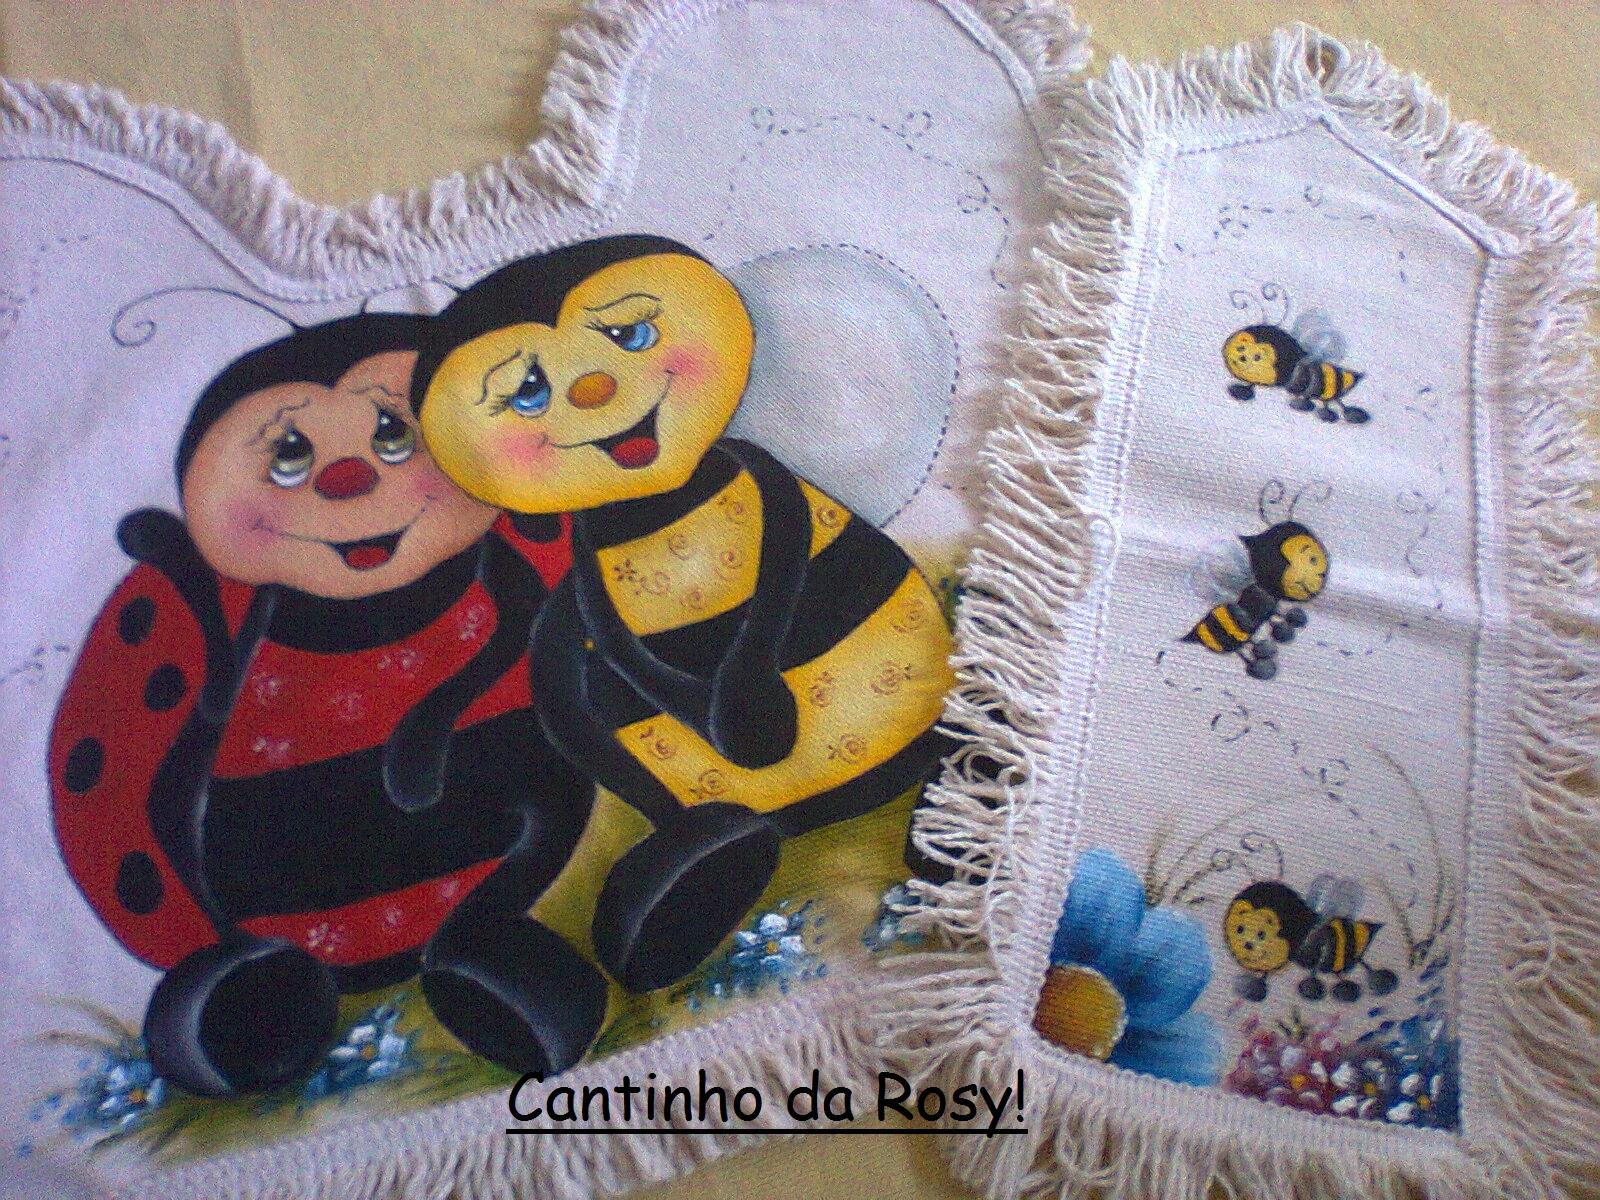 #A27D29 Cantinho da Rosyane: Conjunto de banheiro! .(pintura em tecido)♥ 1600x1200 px tapete de banheiro em frances